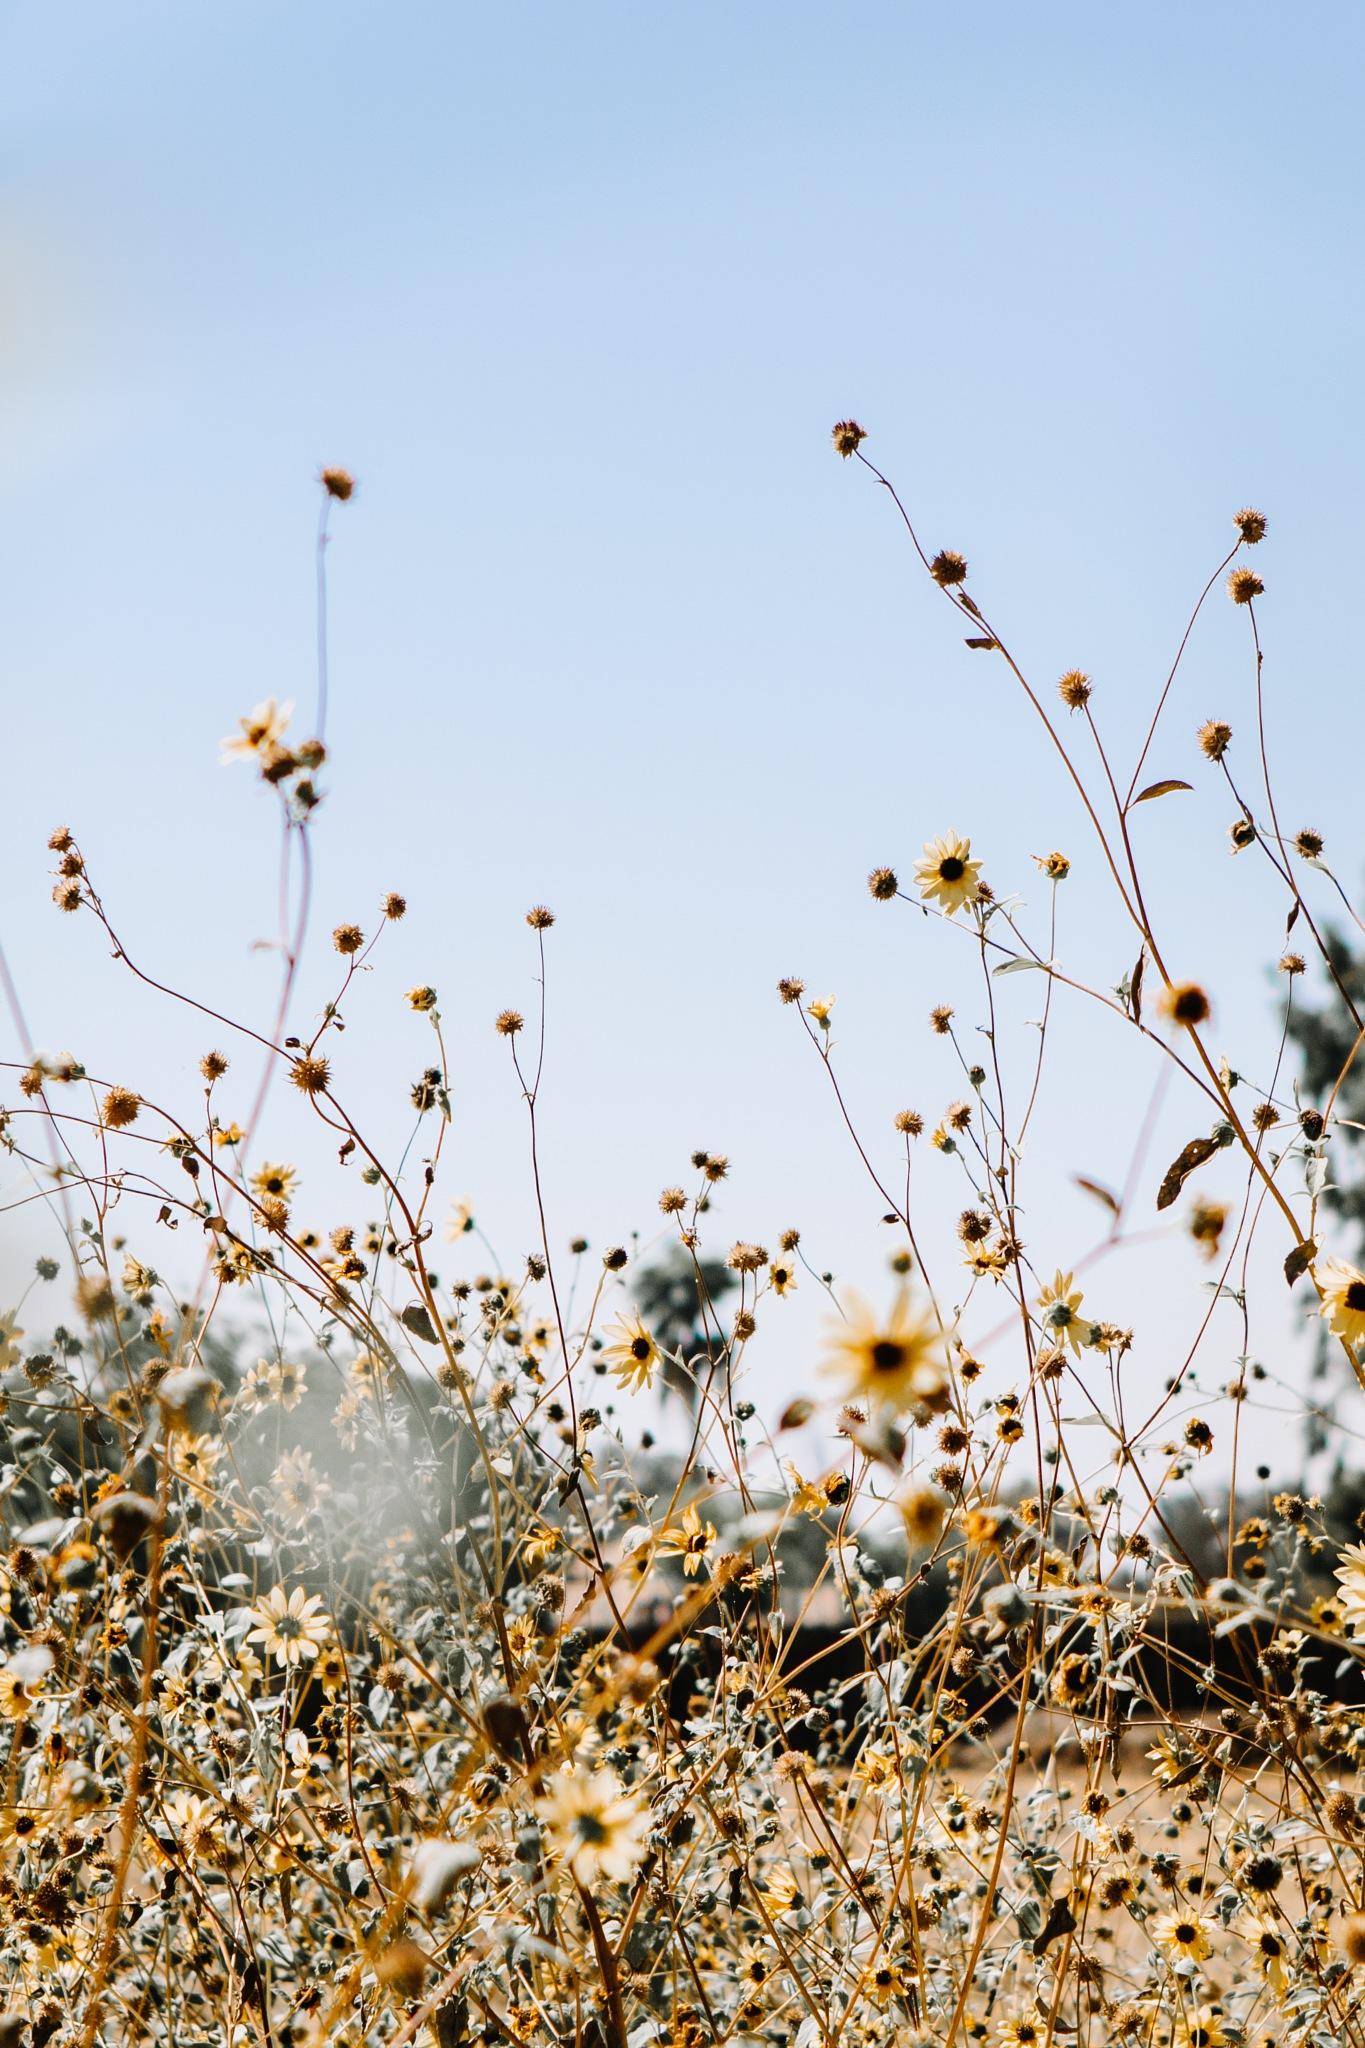 Field by Adrienne Leonard